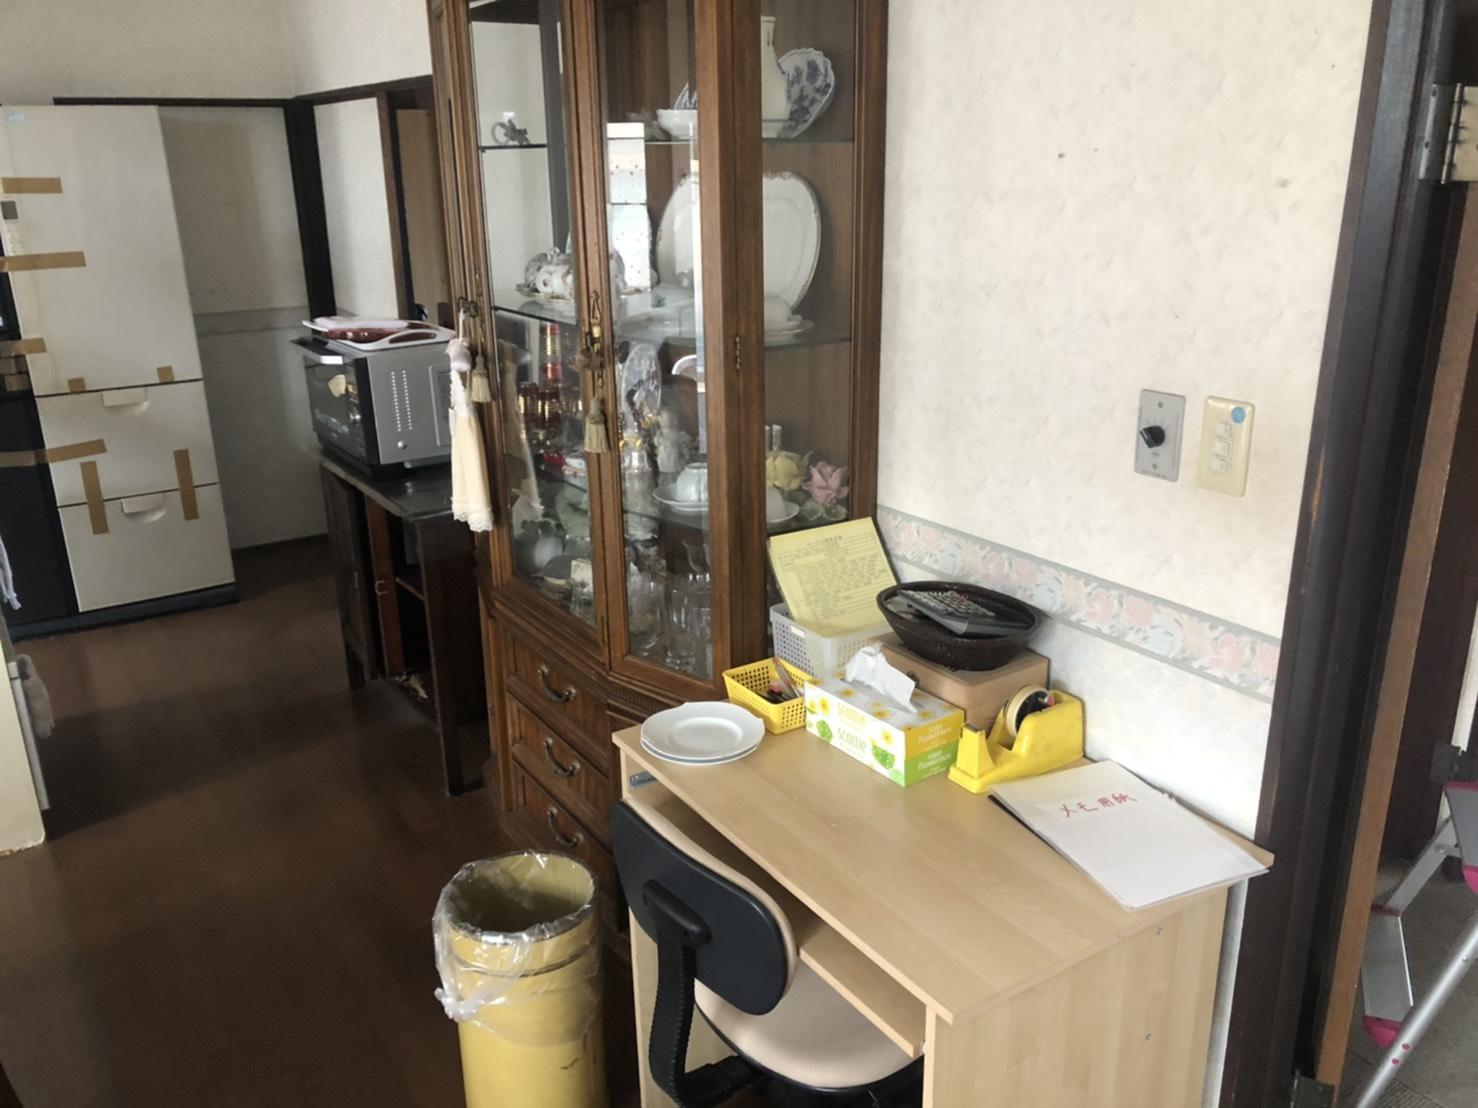 食器棚、食器、レンジ、デスク、冷蔵庫、椅子の回収前